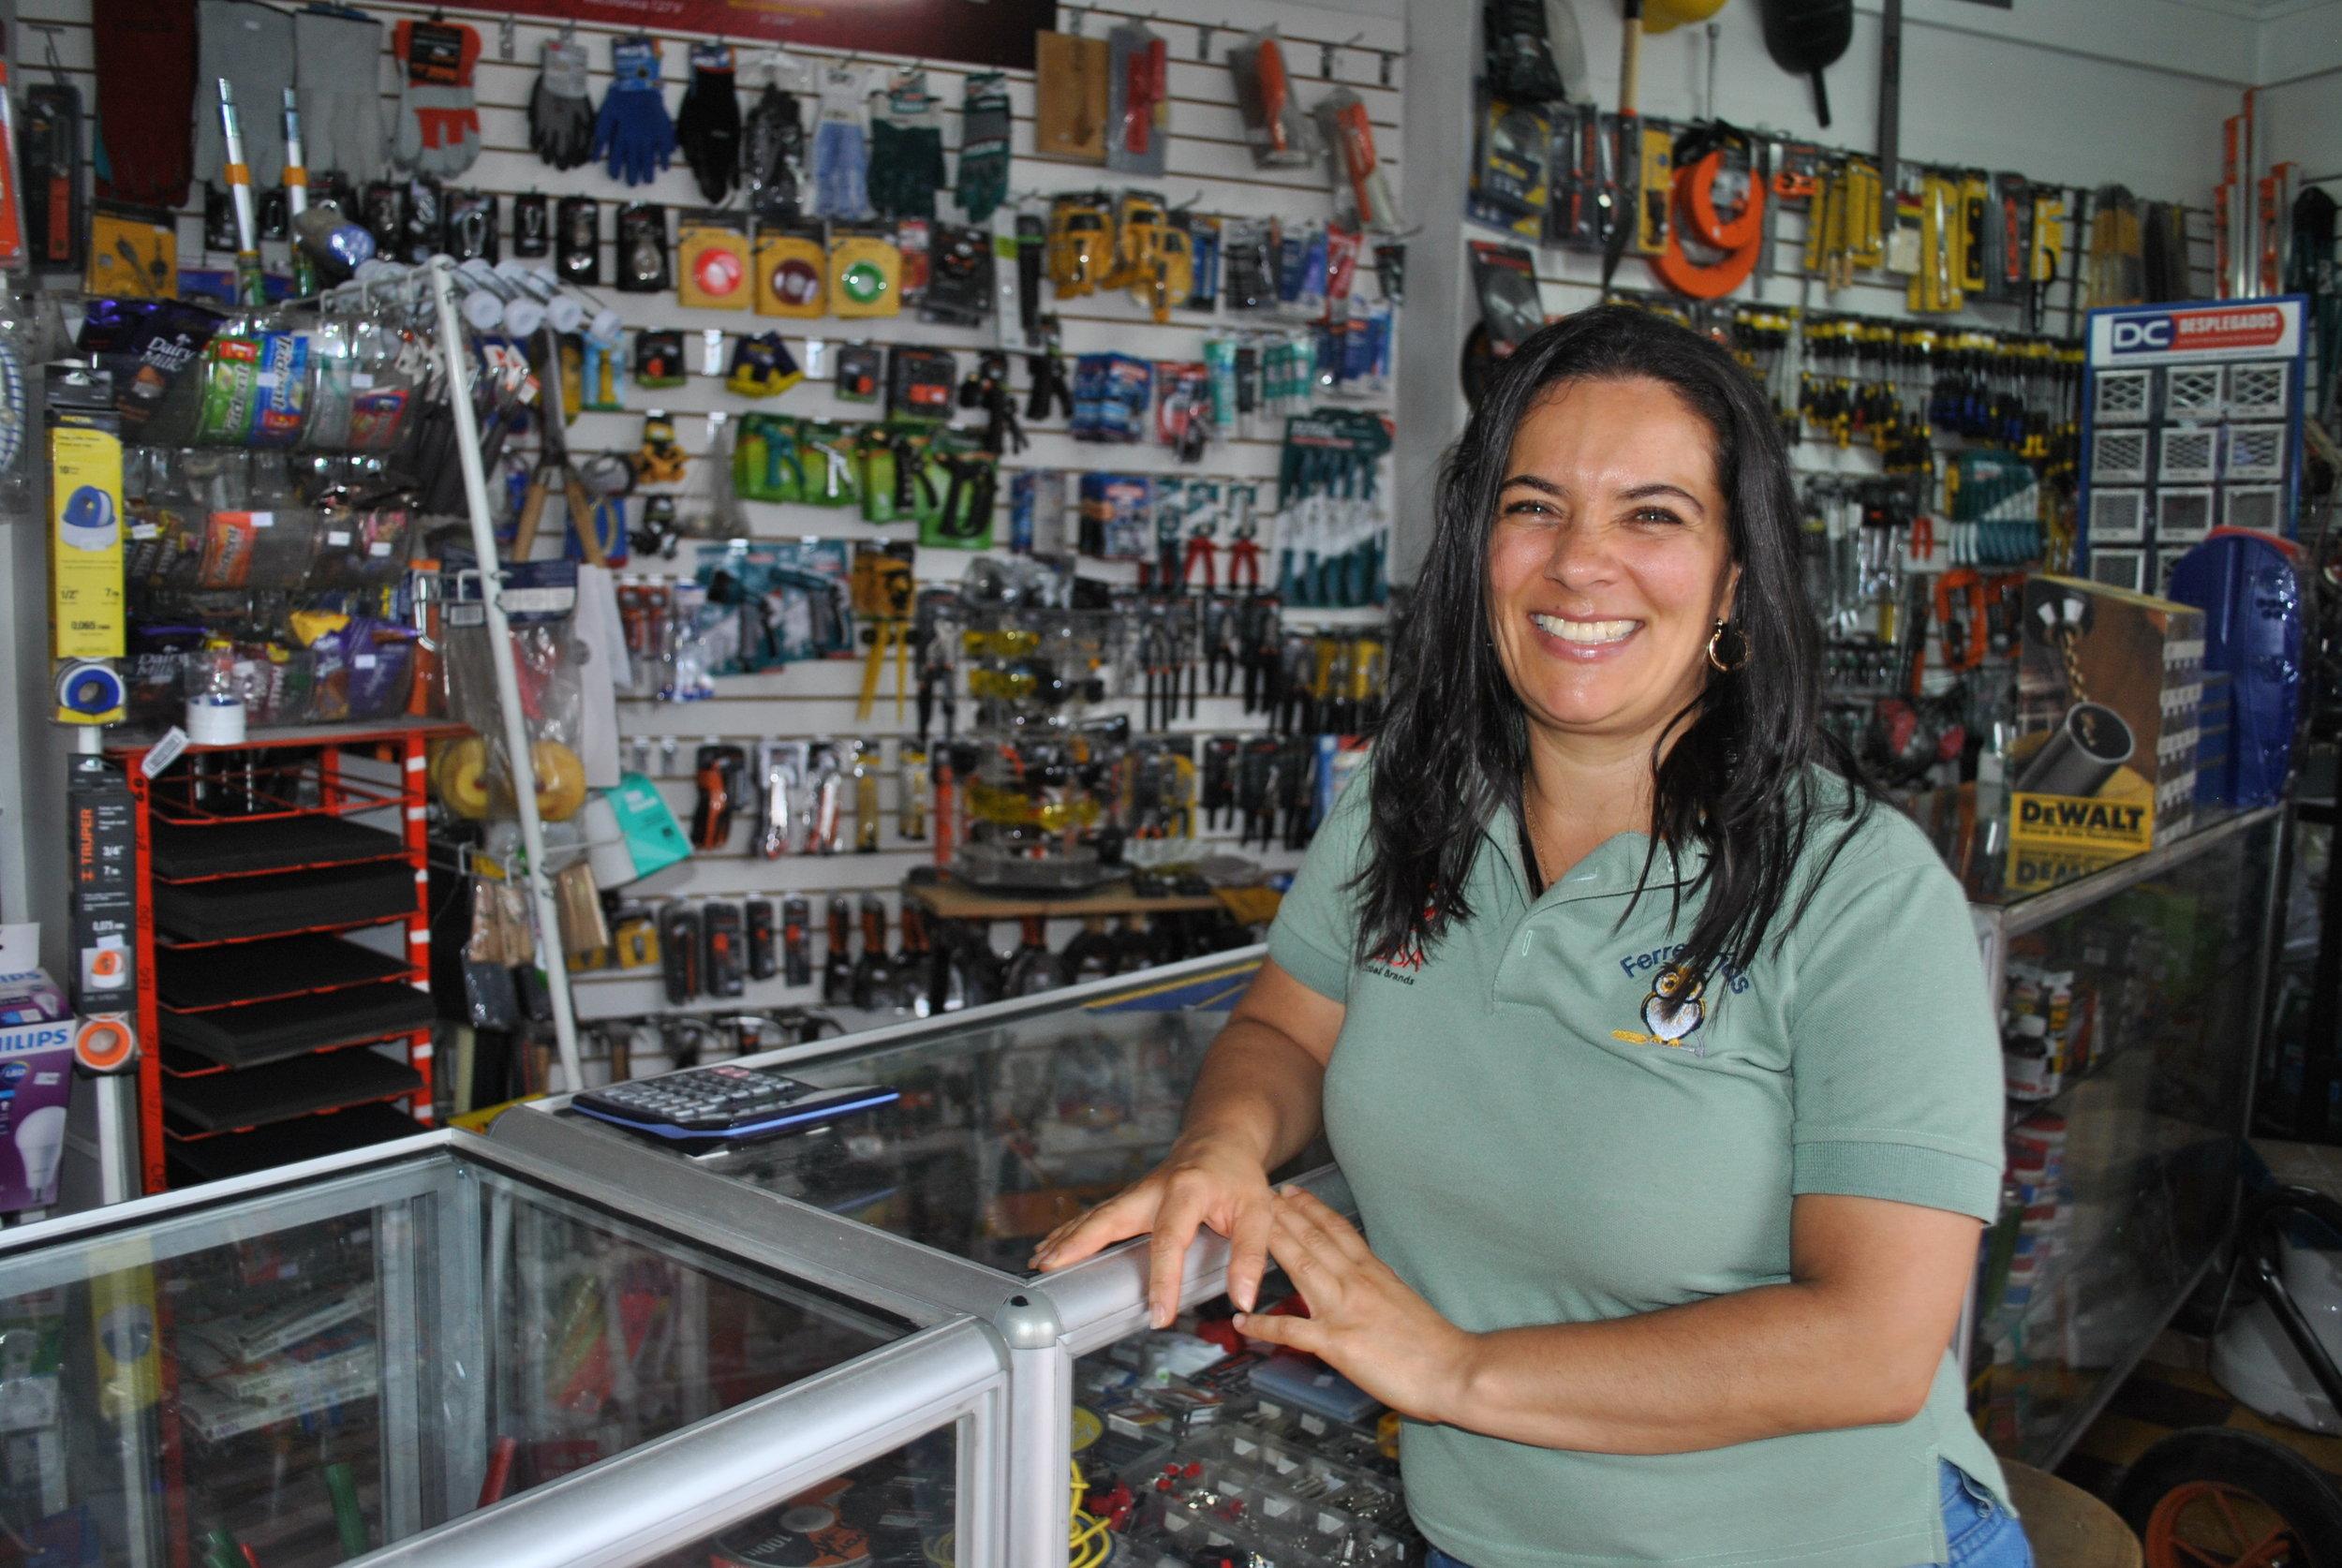 Hazel Ángulo, Propietaria de Ferretería Luján, dice que en ferretería siempre hay algo nuevo que aprender